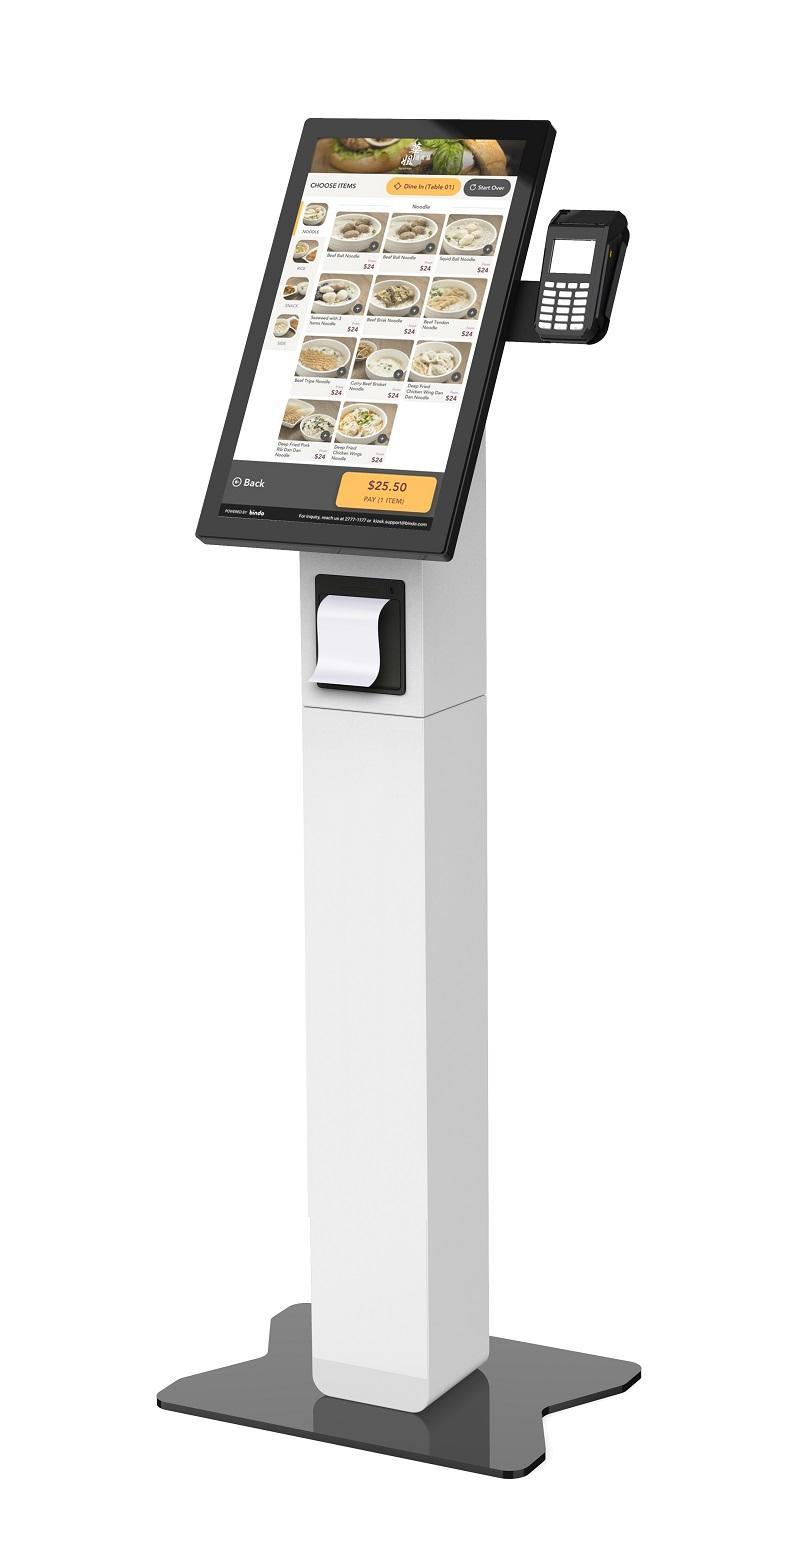 Restaurant self servie ordering kiosk